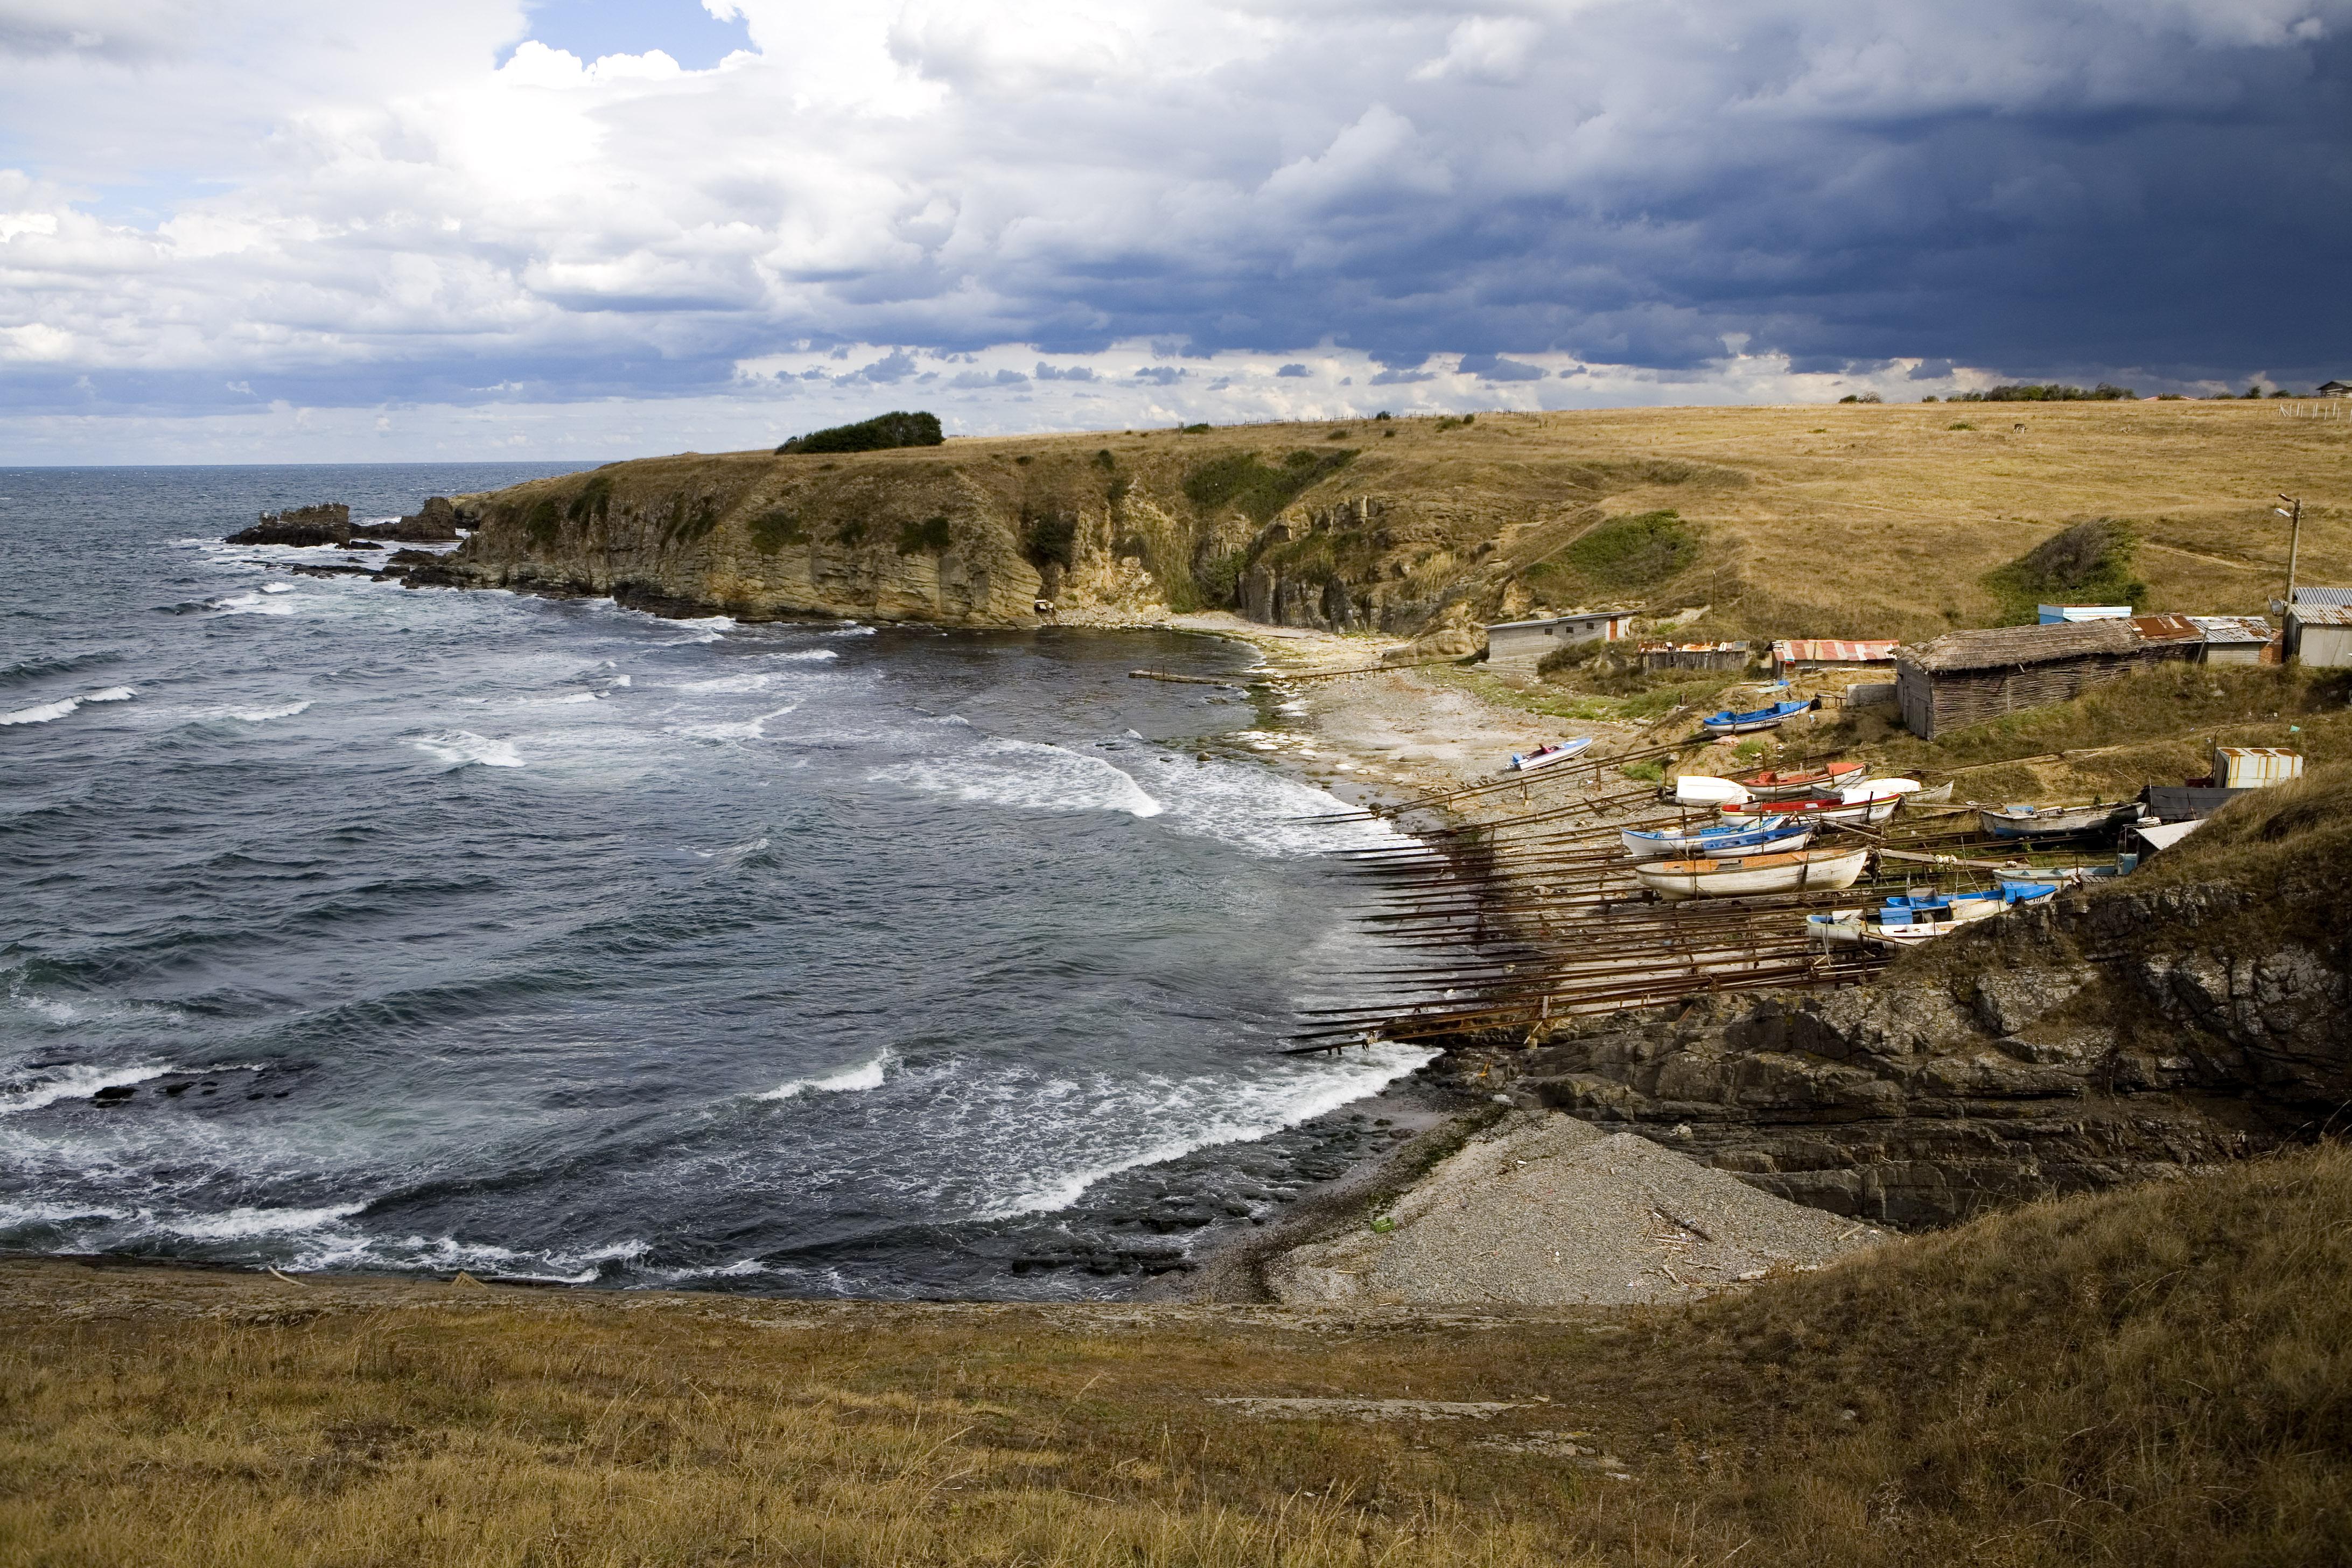 В деня на Черно море WWF алармира, че риболовният натиск върху рибните запаси се засилва